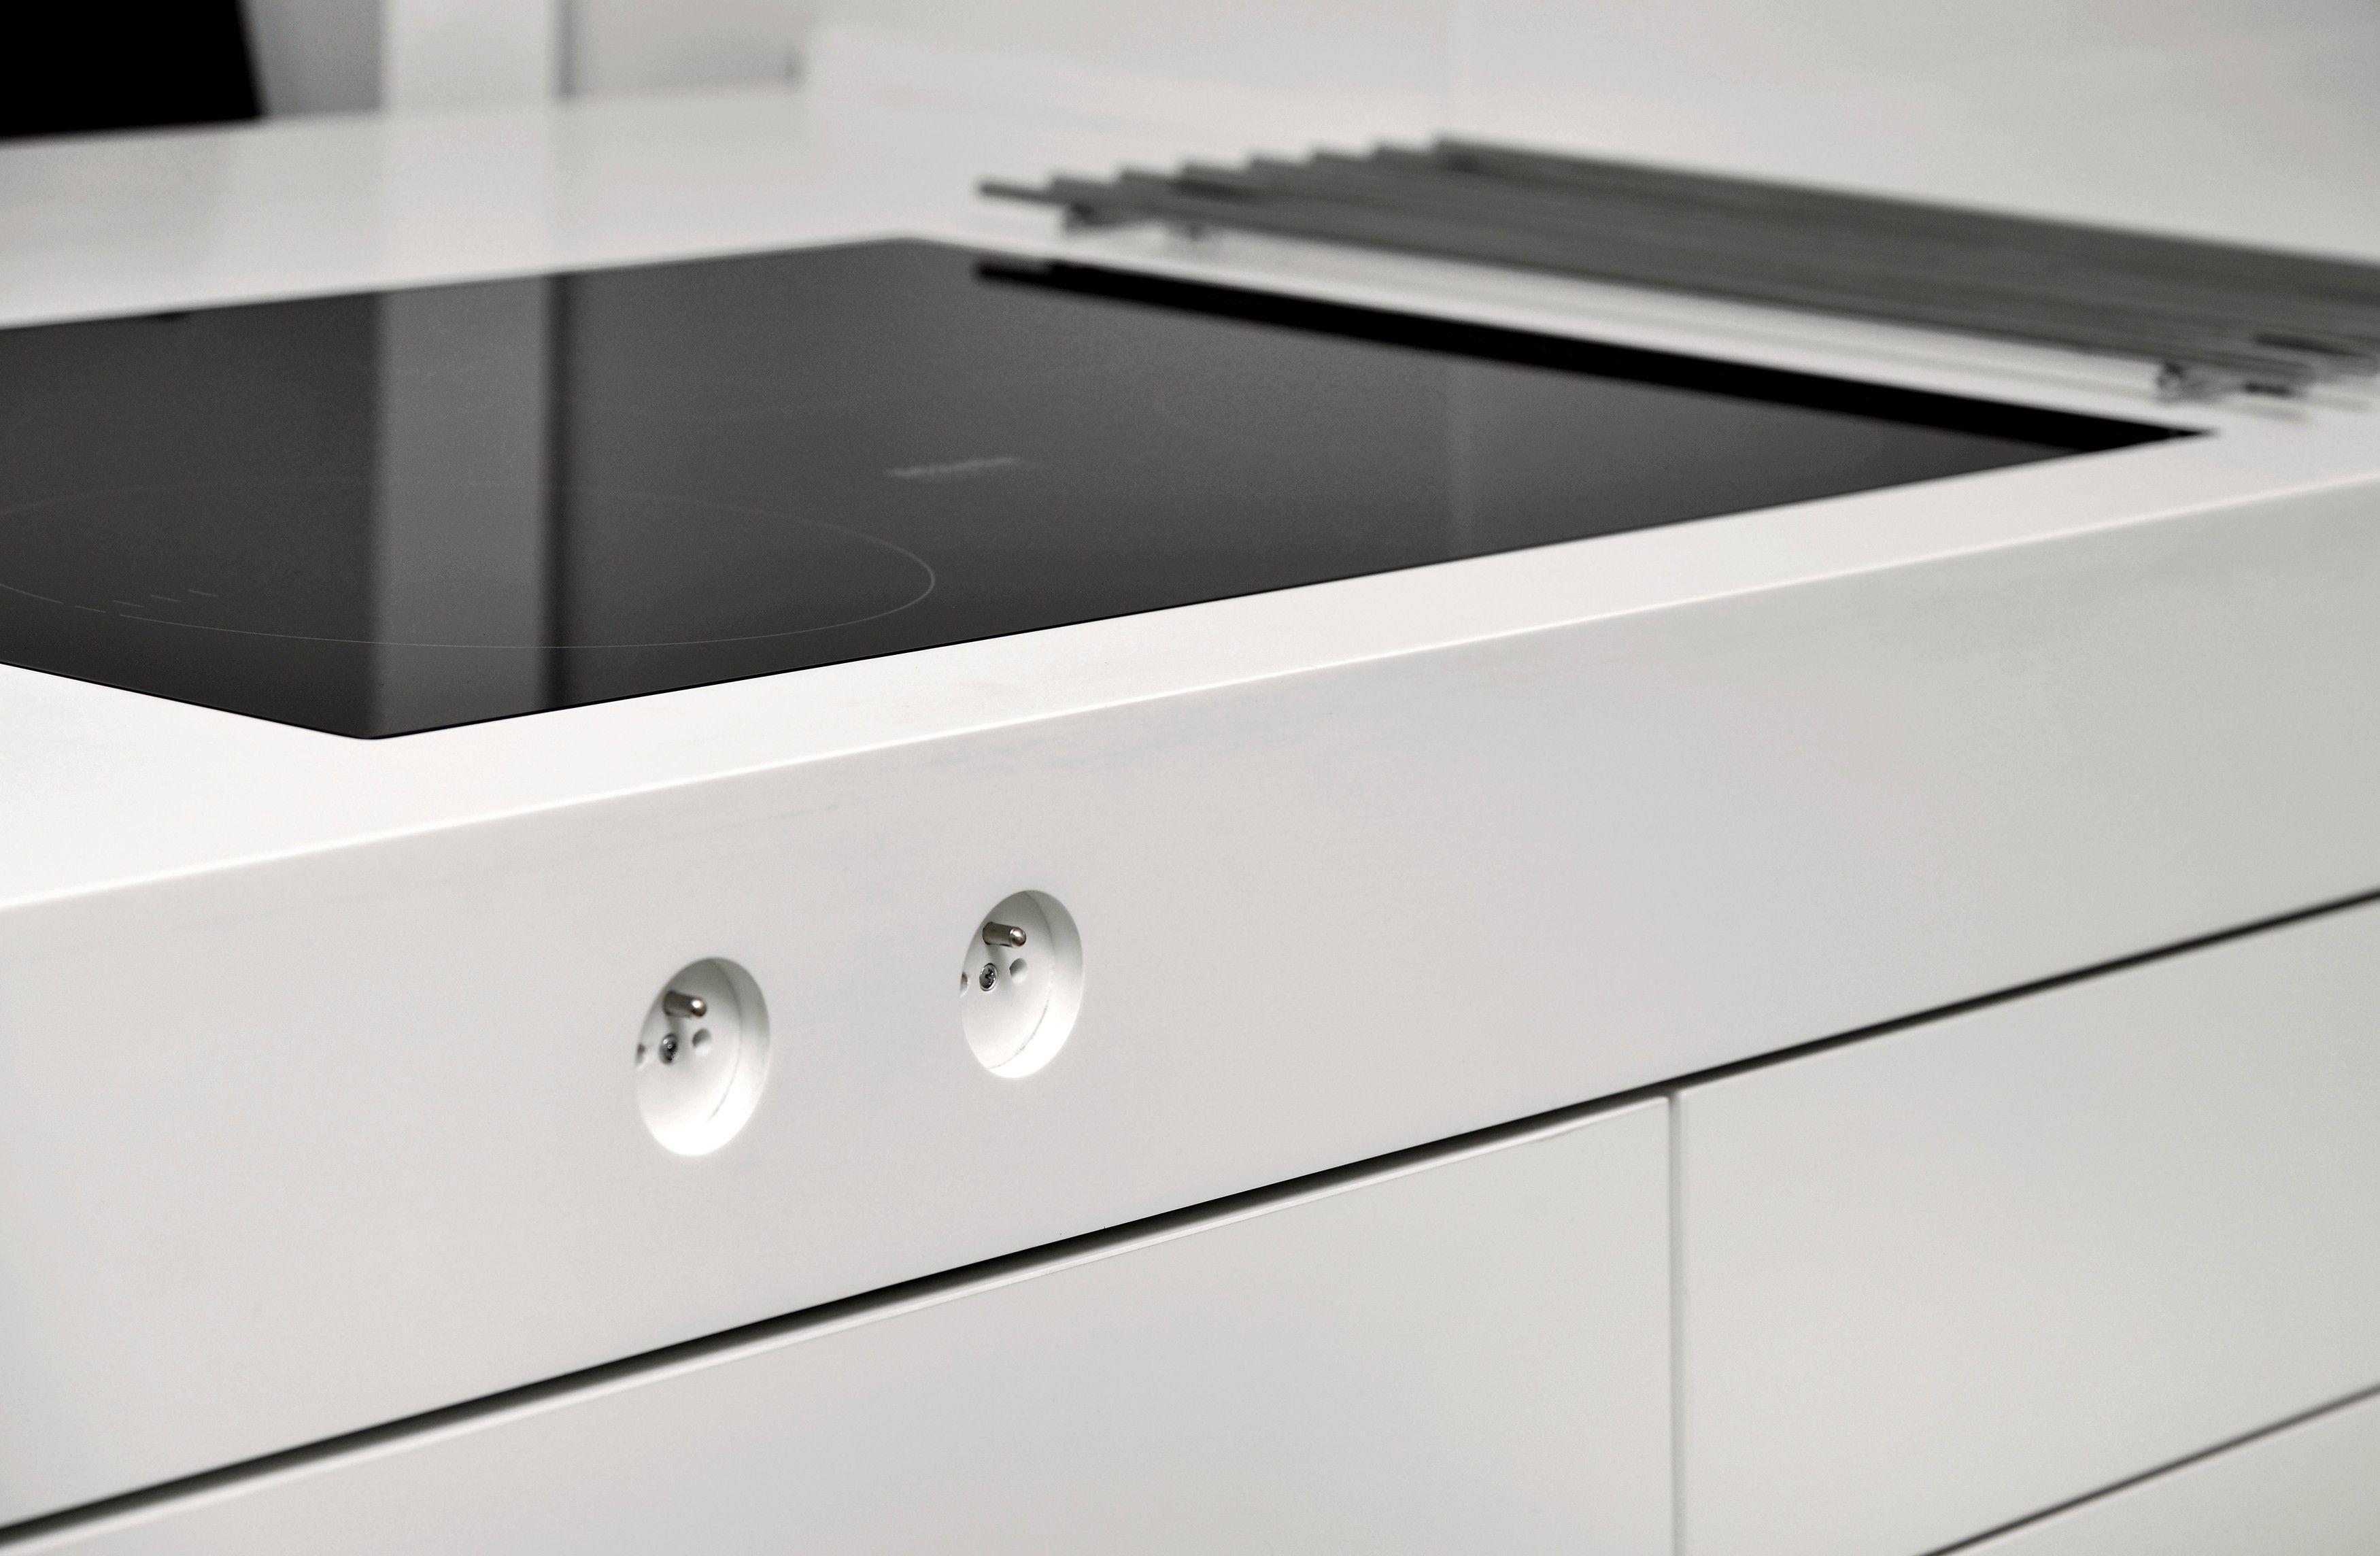 Design Stopcontact Keuken : Super design stopcontact keuken op nieuwerwets huis ontwerp